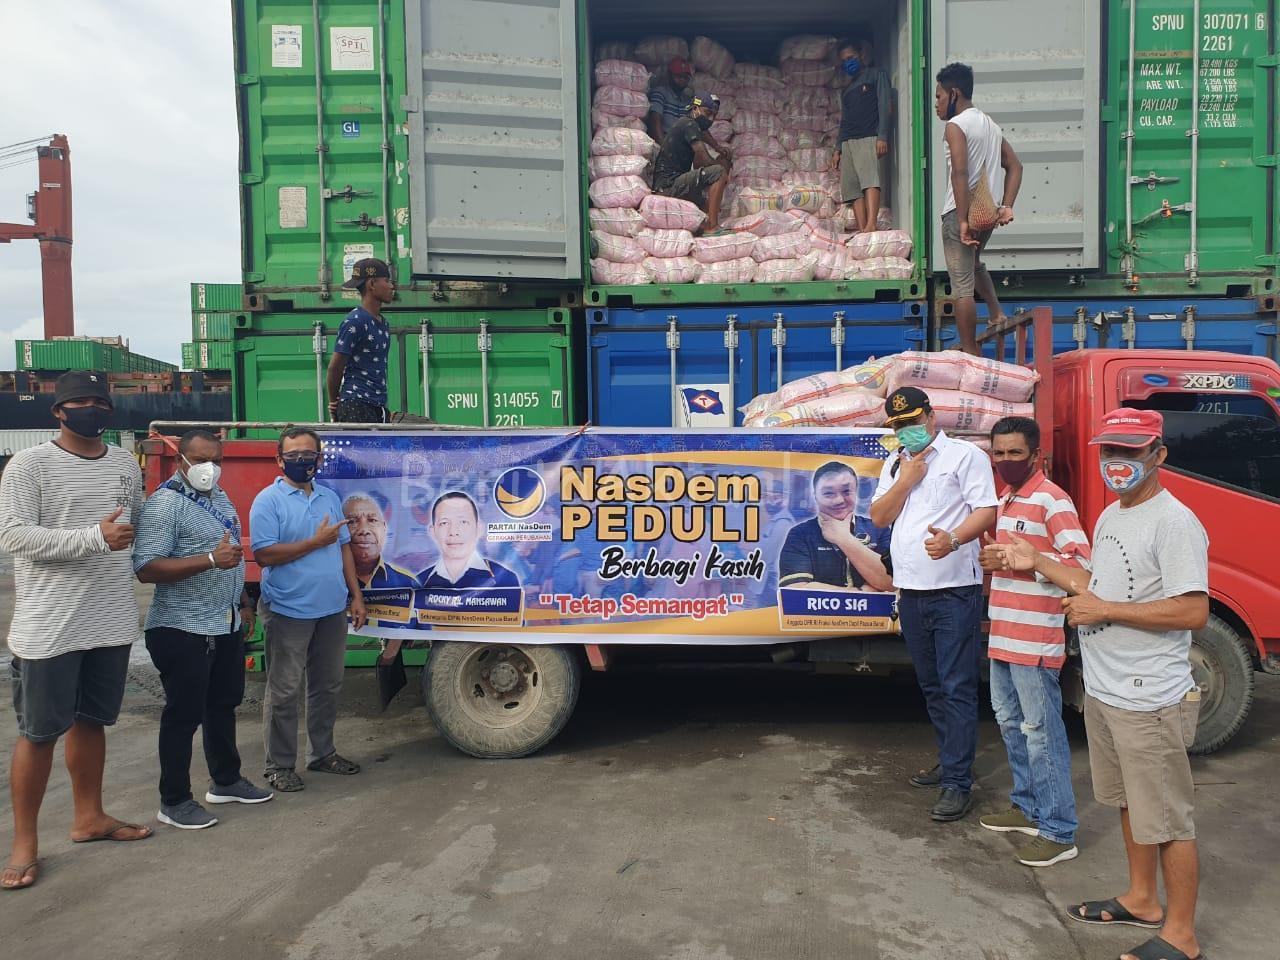 Sikapi Warga Terdampak C-19, 5000 Paket Bama Dari NasDem Peduli Dan Rico Sia Tiba di Sorong 1 IMG 20200519 WA0038